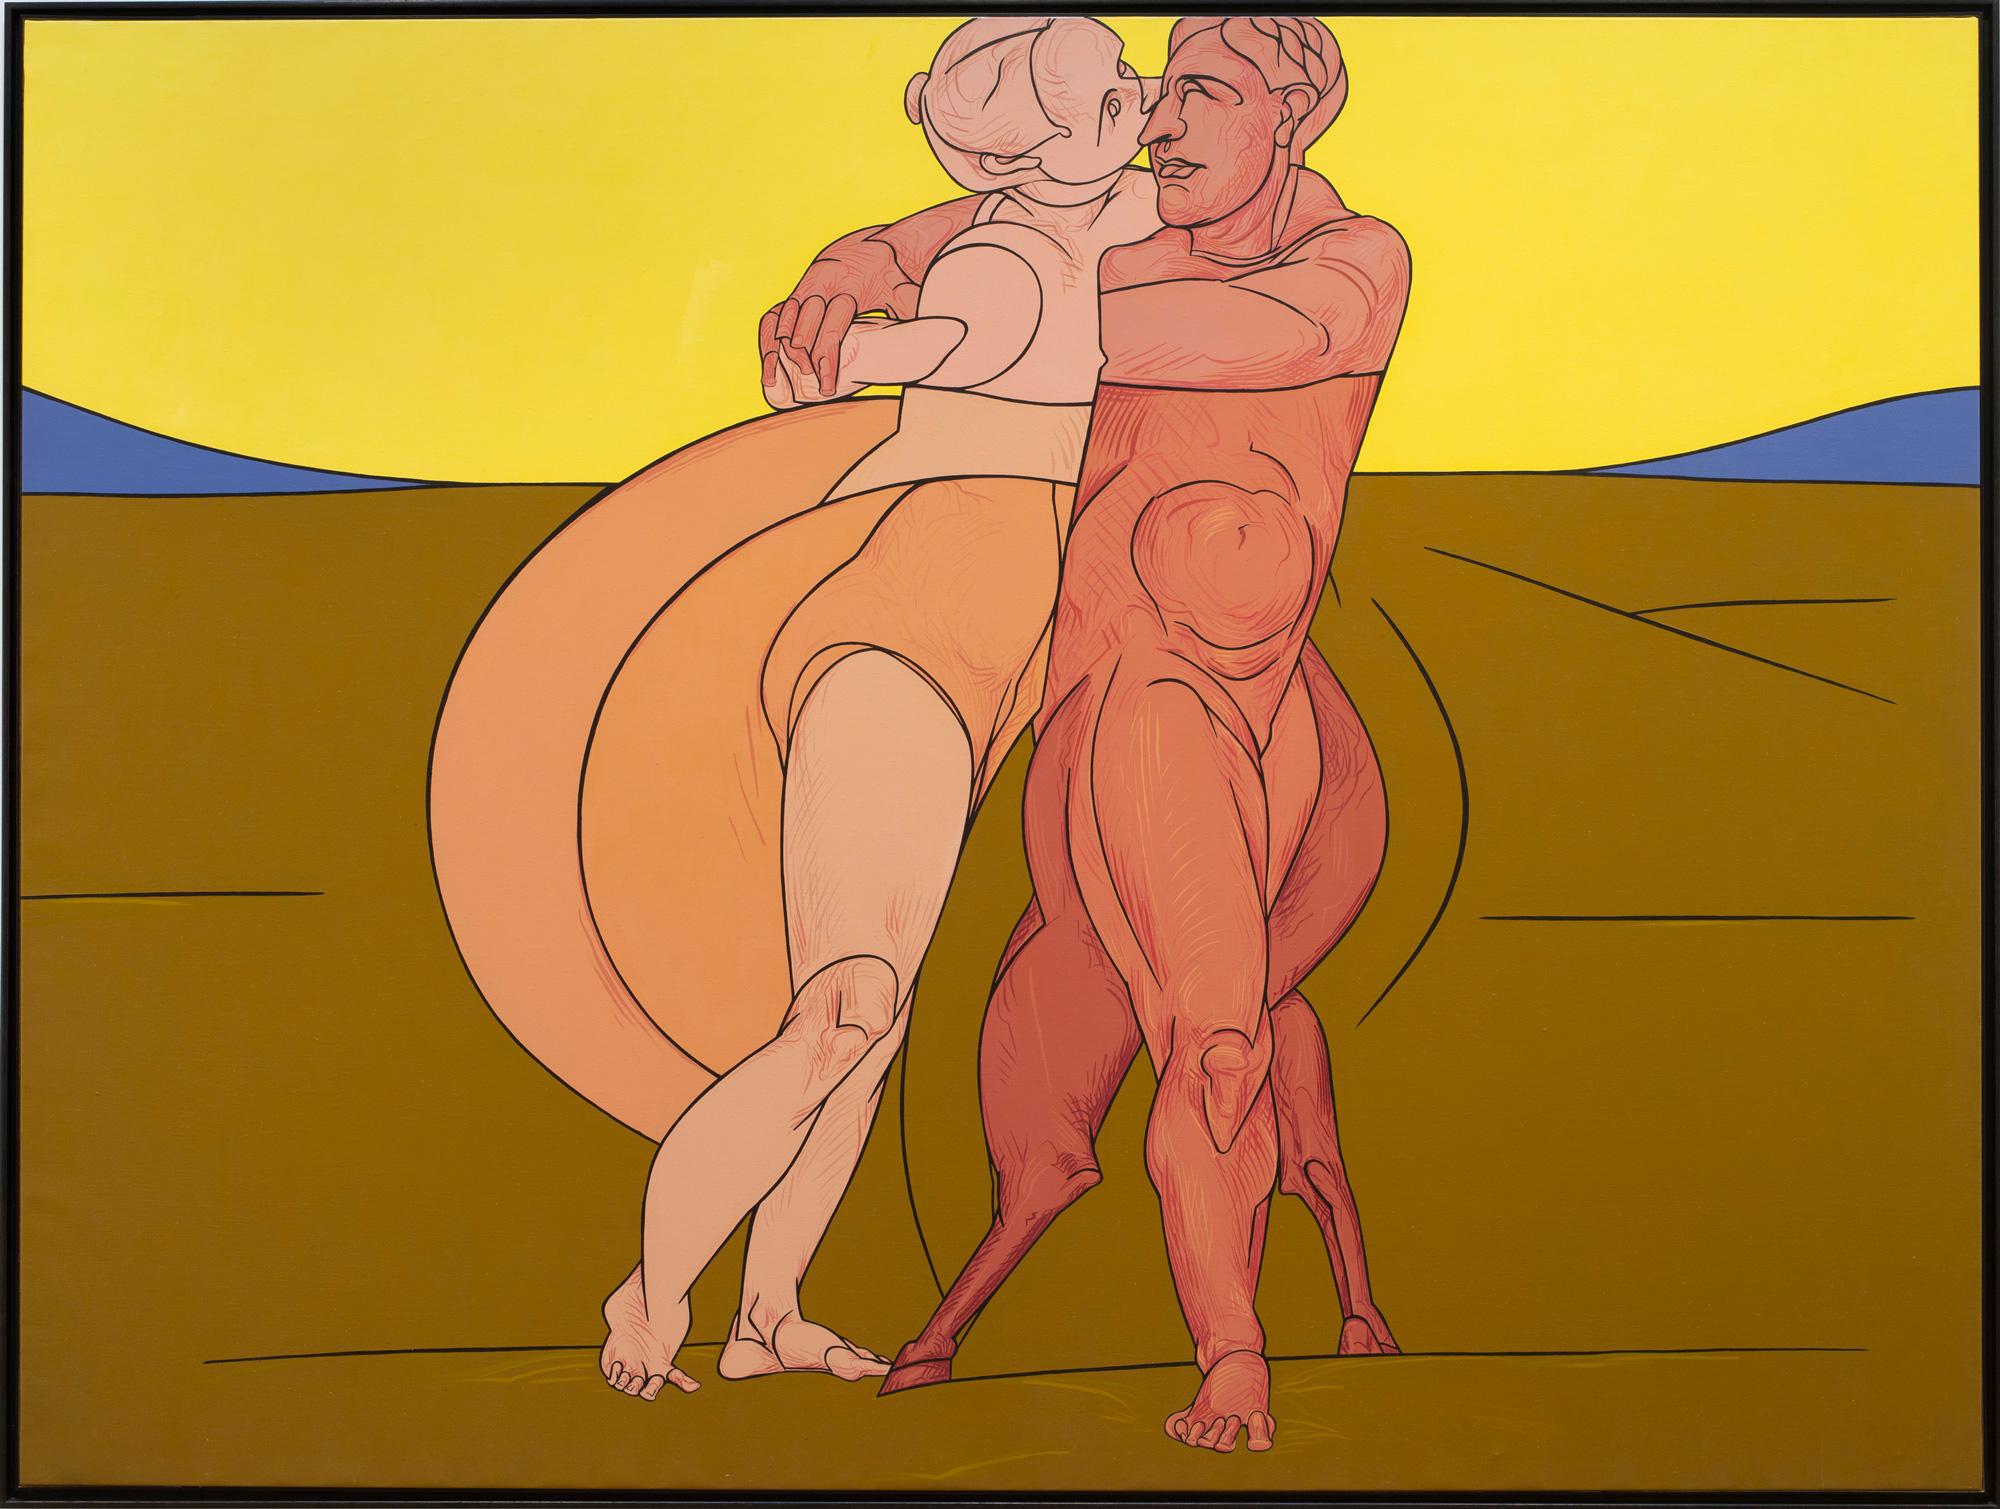 Adami à la galerie Templon : Metamorfosi, 1982